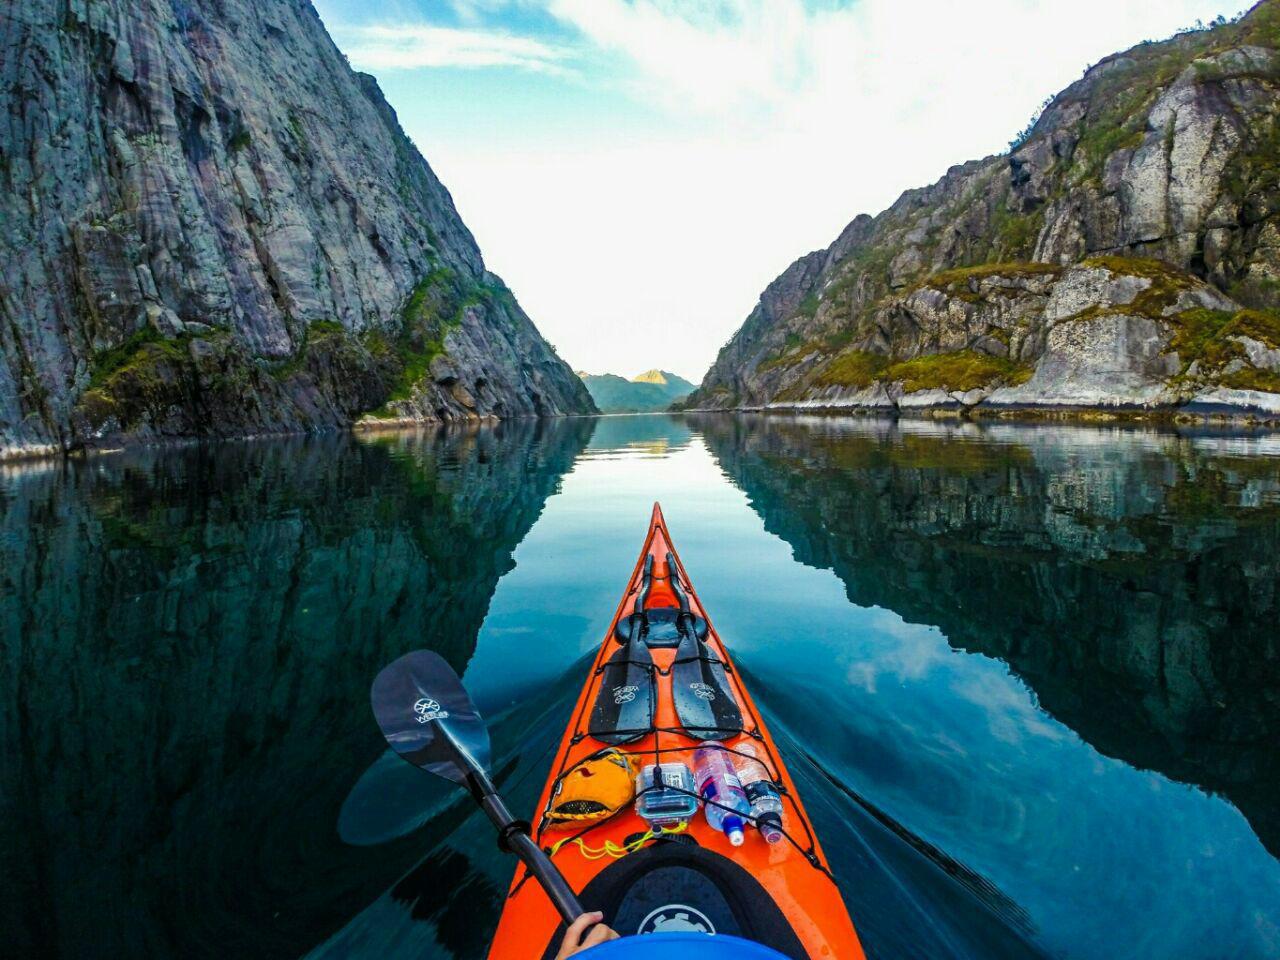 زیبا ترین سفر های آبی دنیا+ تصاویر